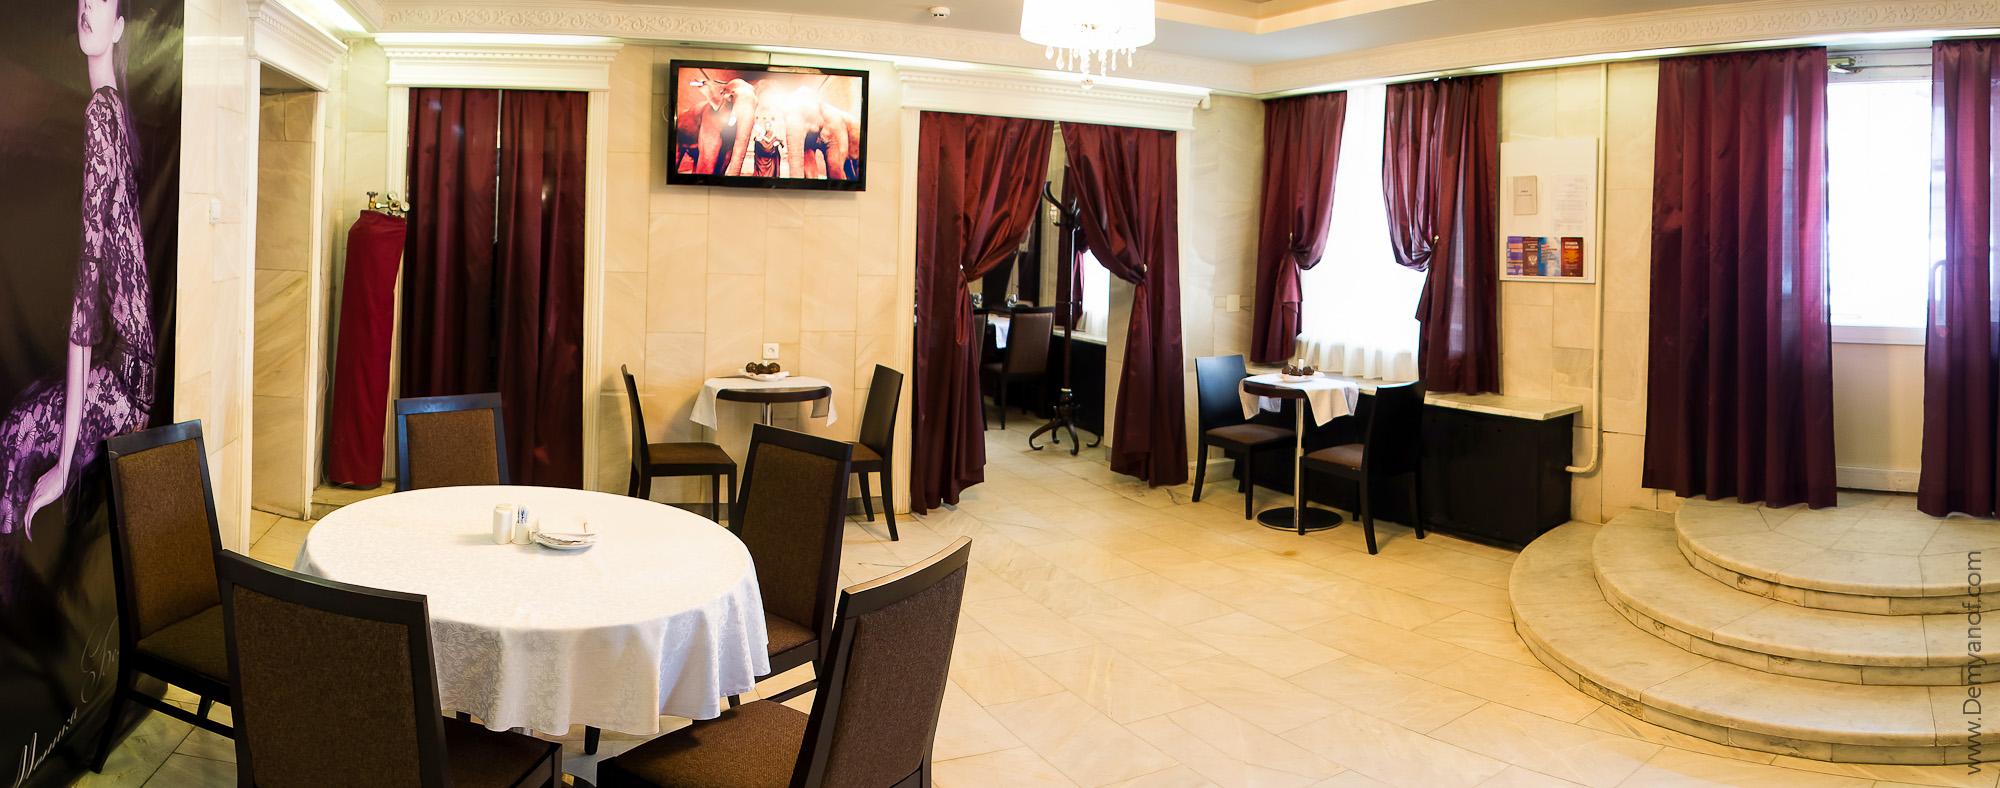 Первый зал - Итальянское кафе